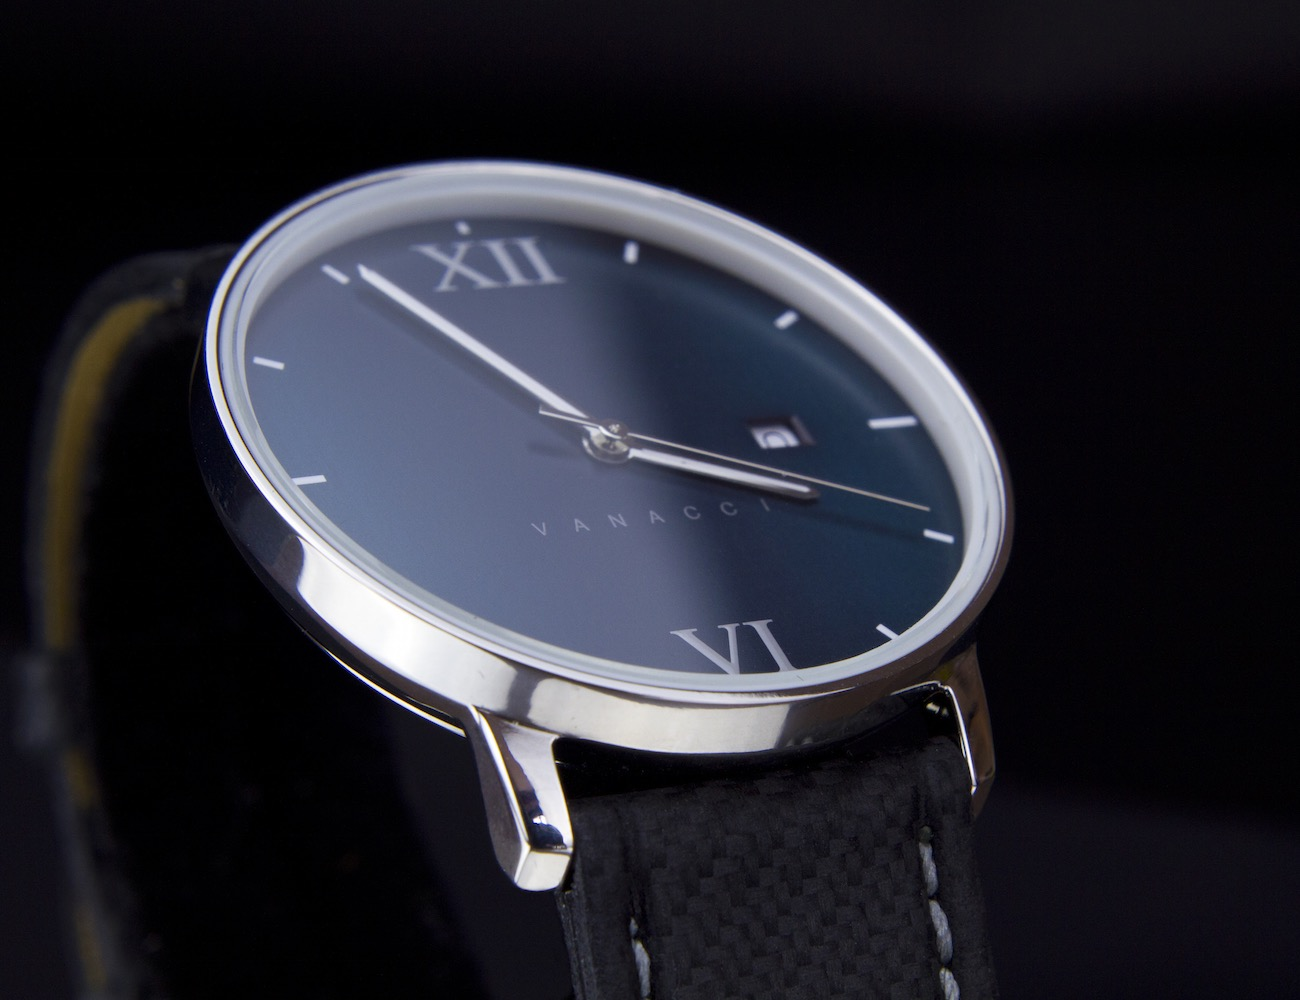 The Vanacci Watch